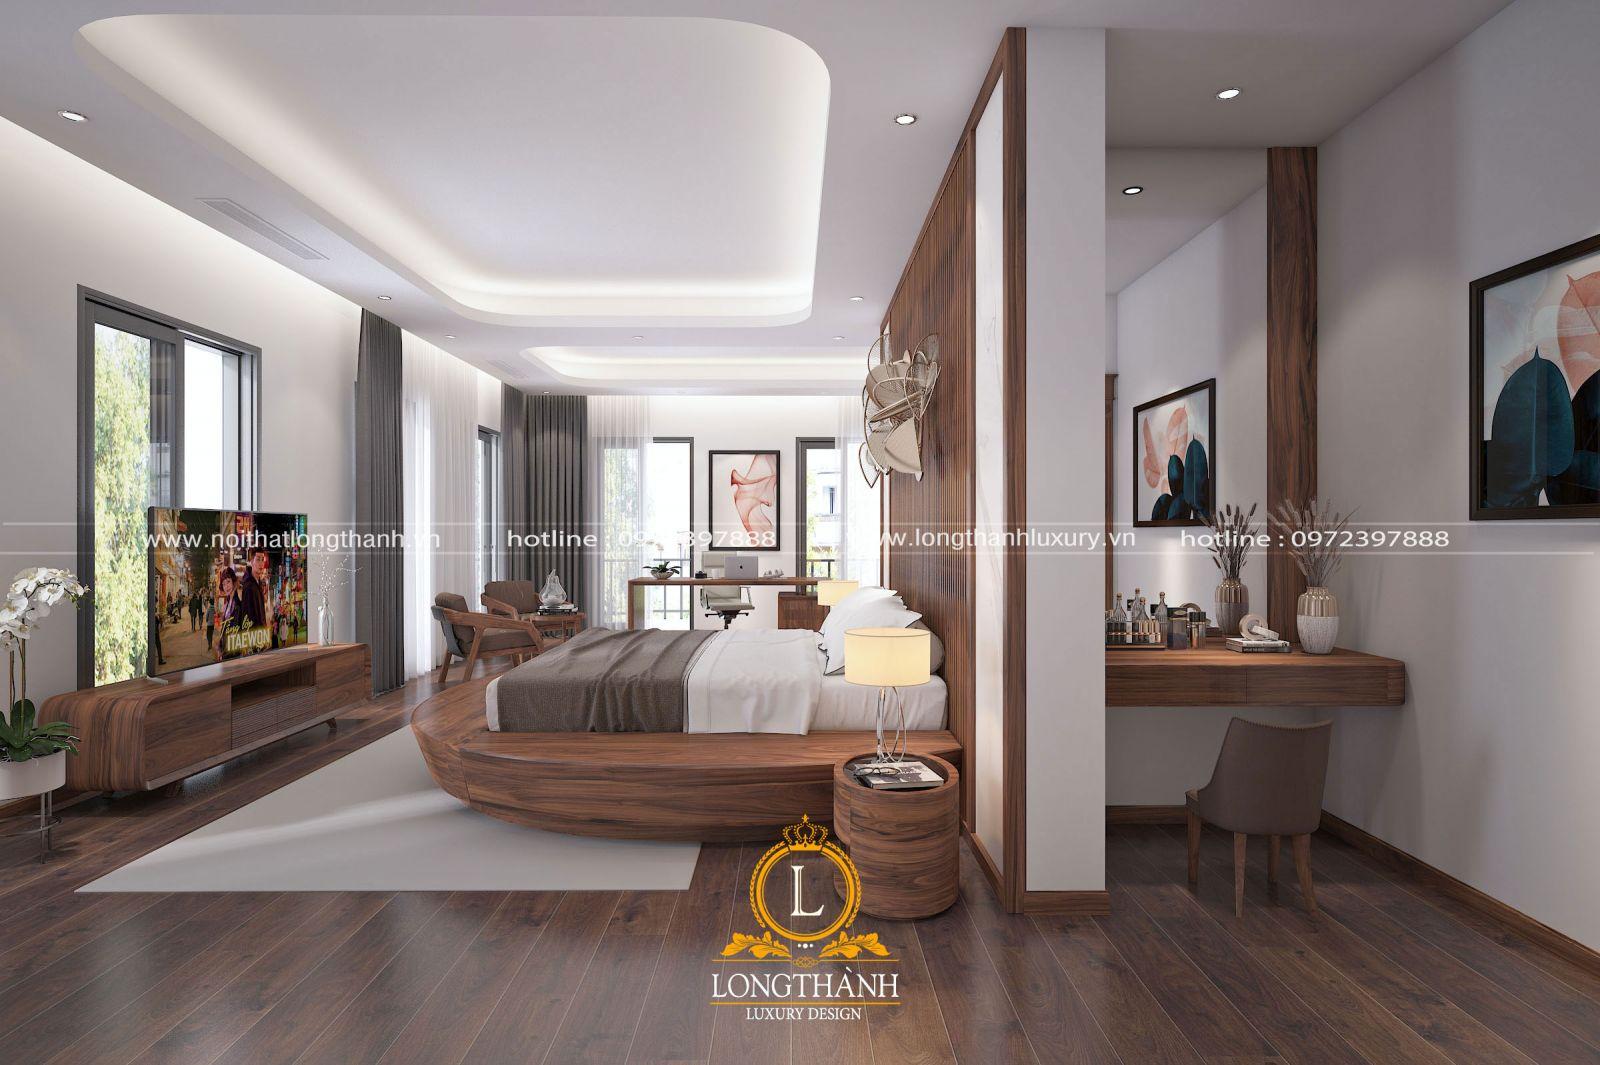 Phòng ngủ cao cấp kết hợp với phòng làm việc tiện lợi